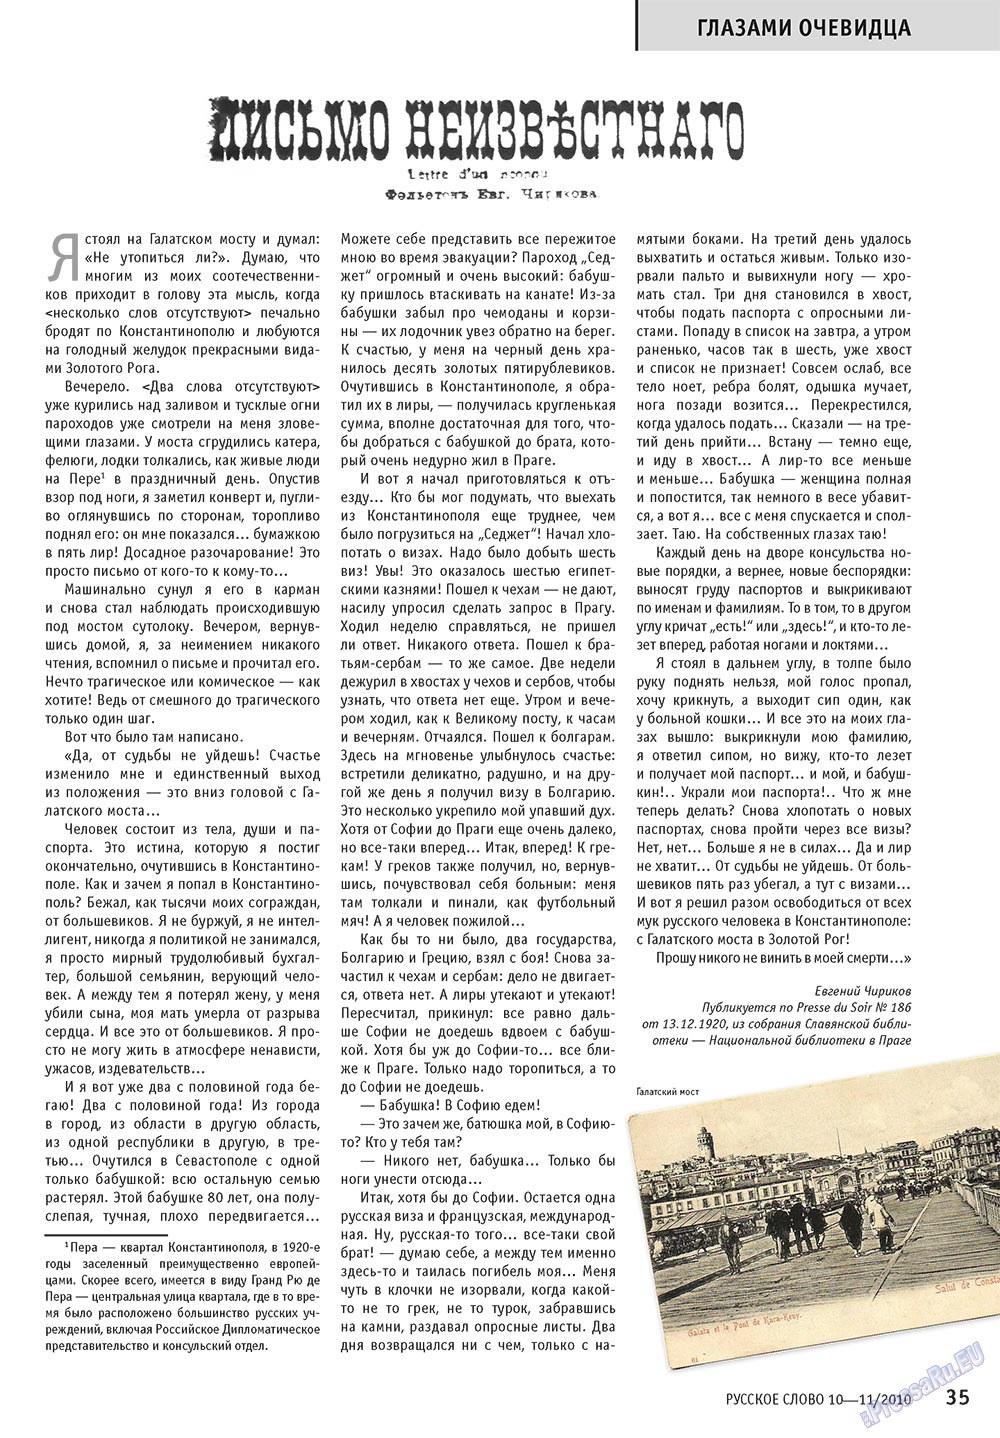 Русское слово (журнал). 2010 год, номер 10, стр. 37